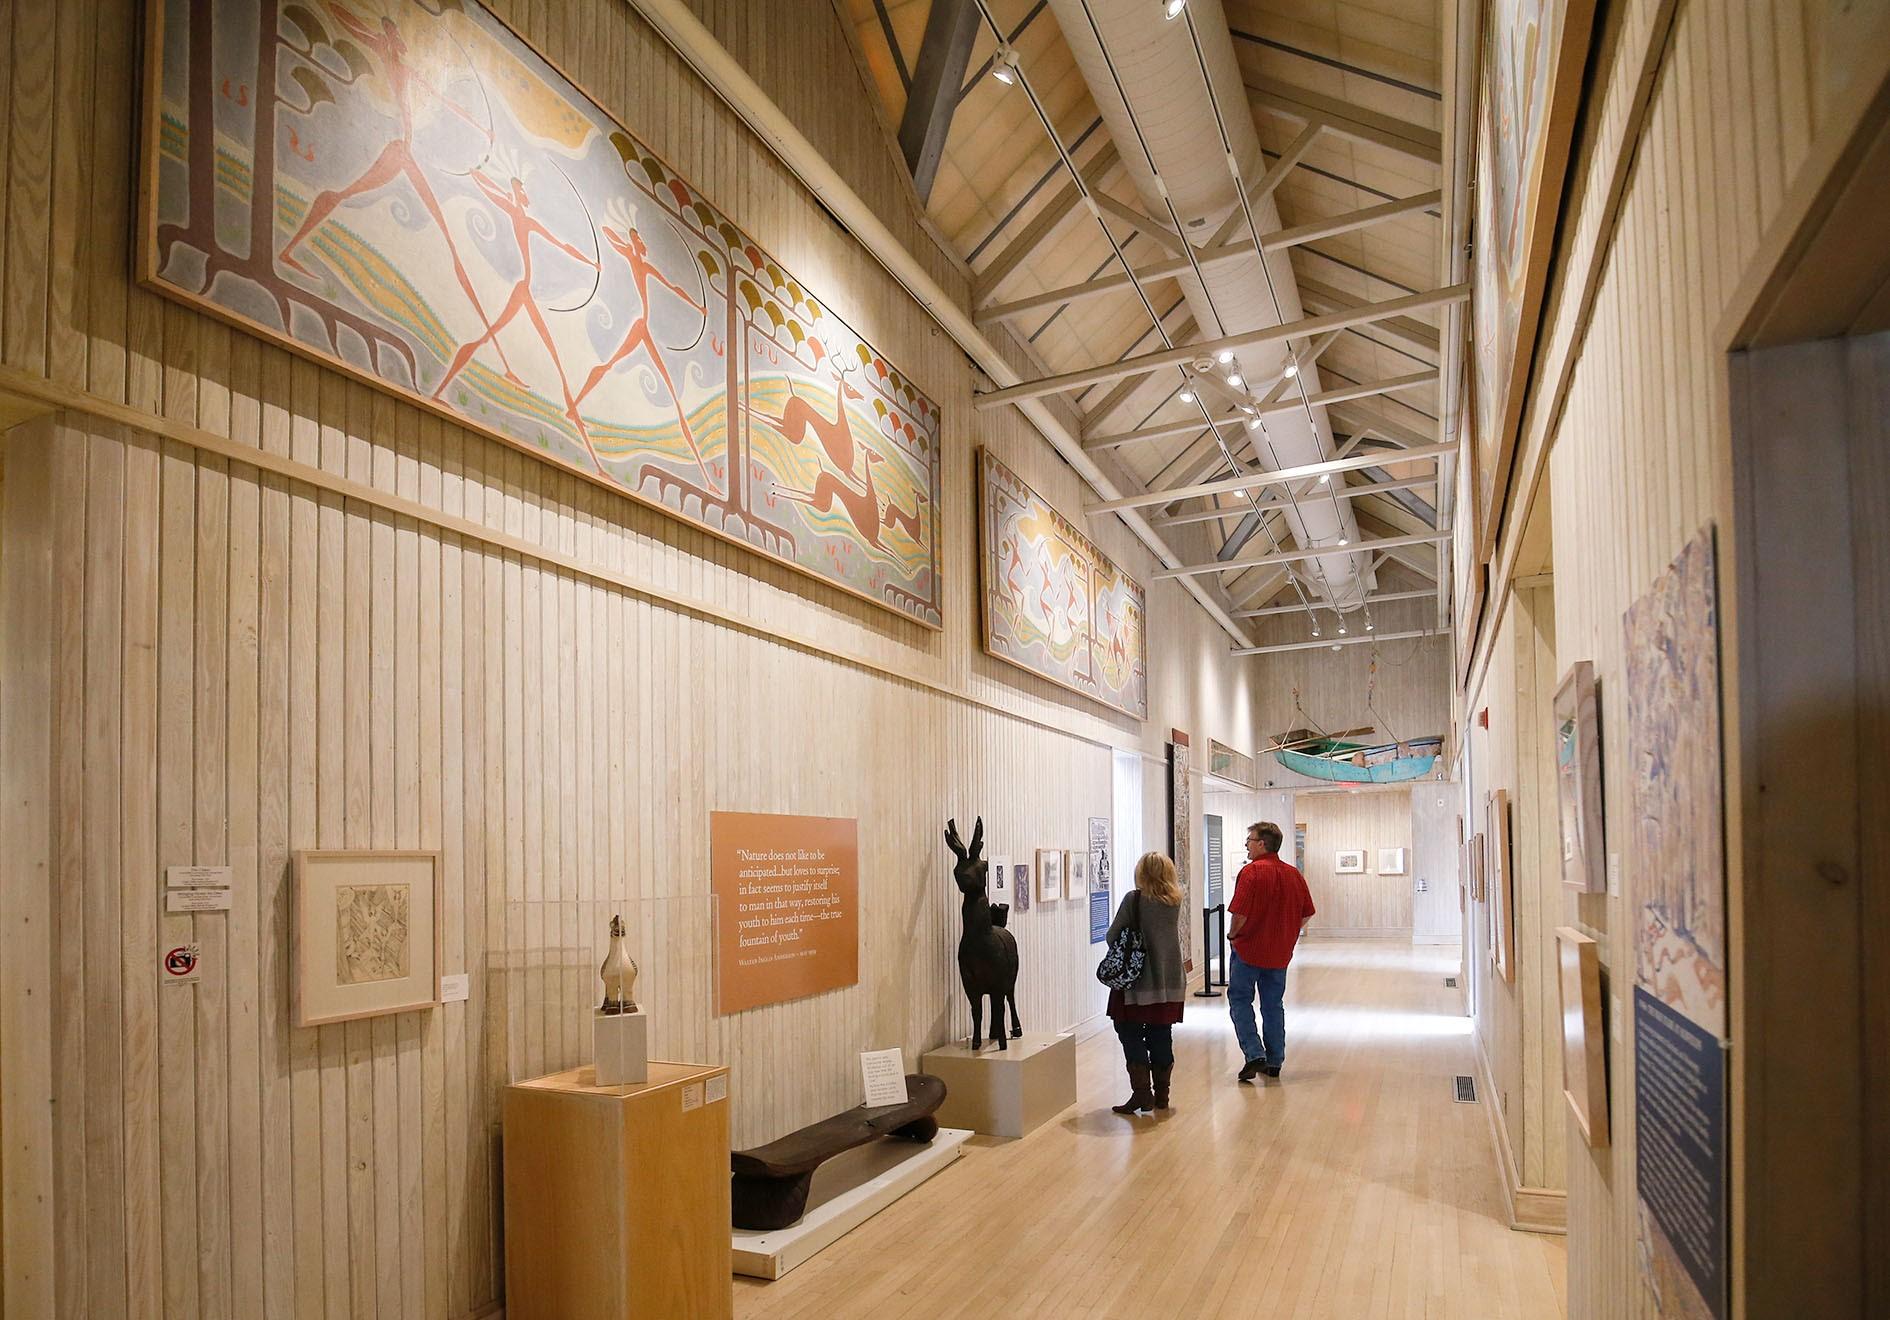 WAMA Gallery